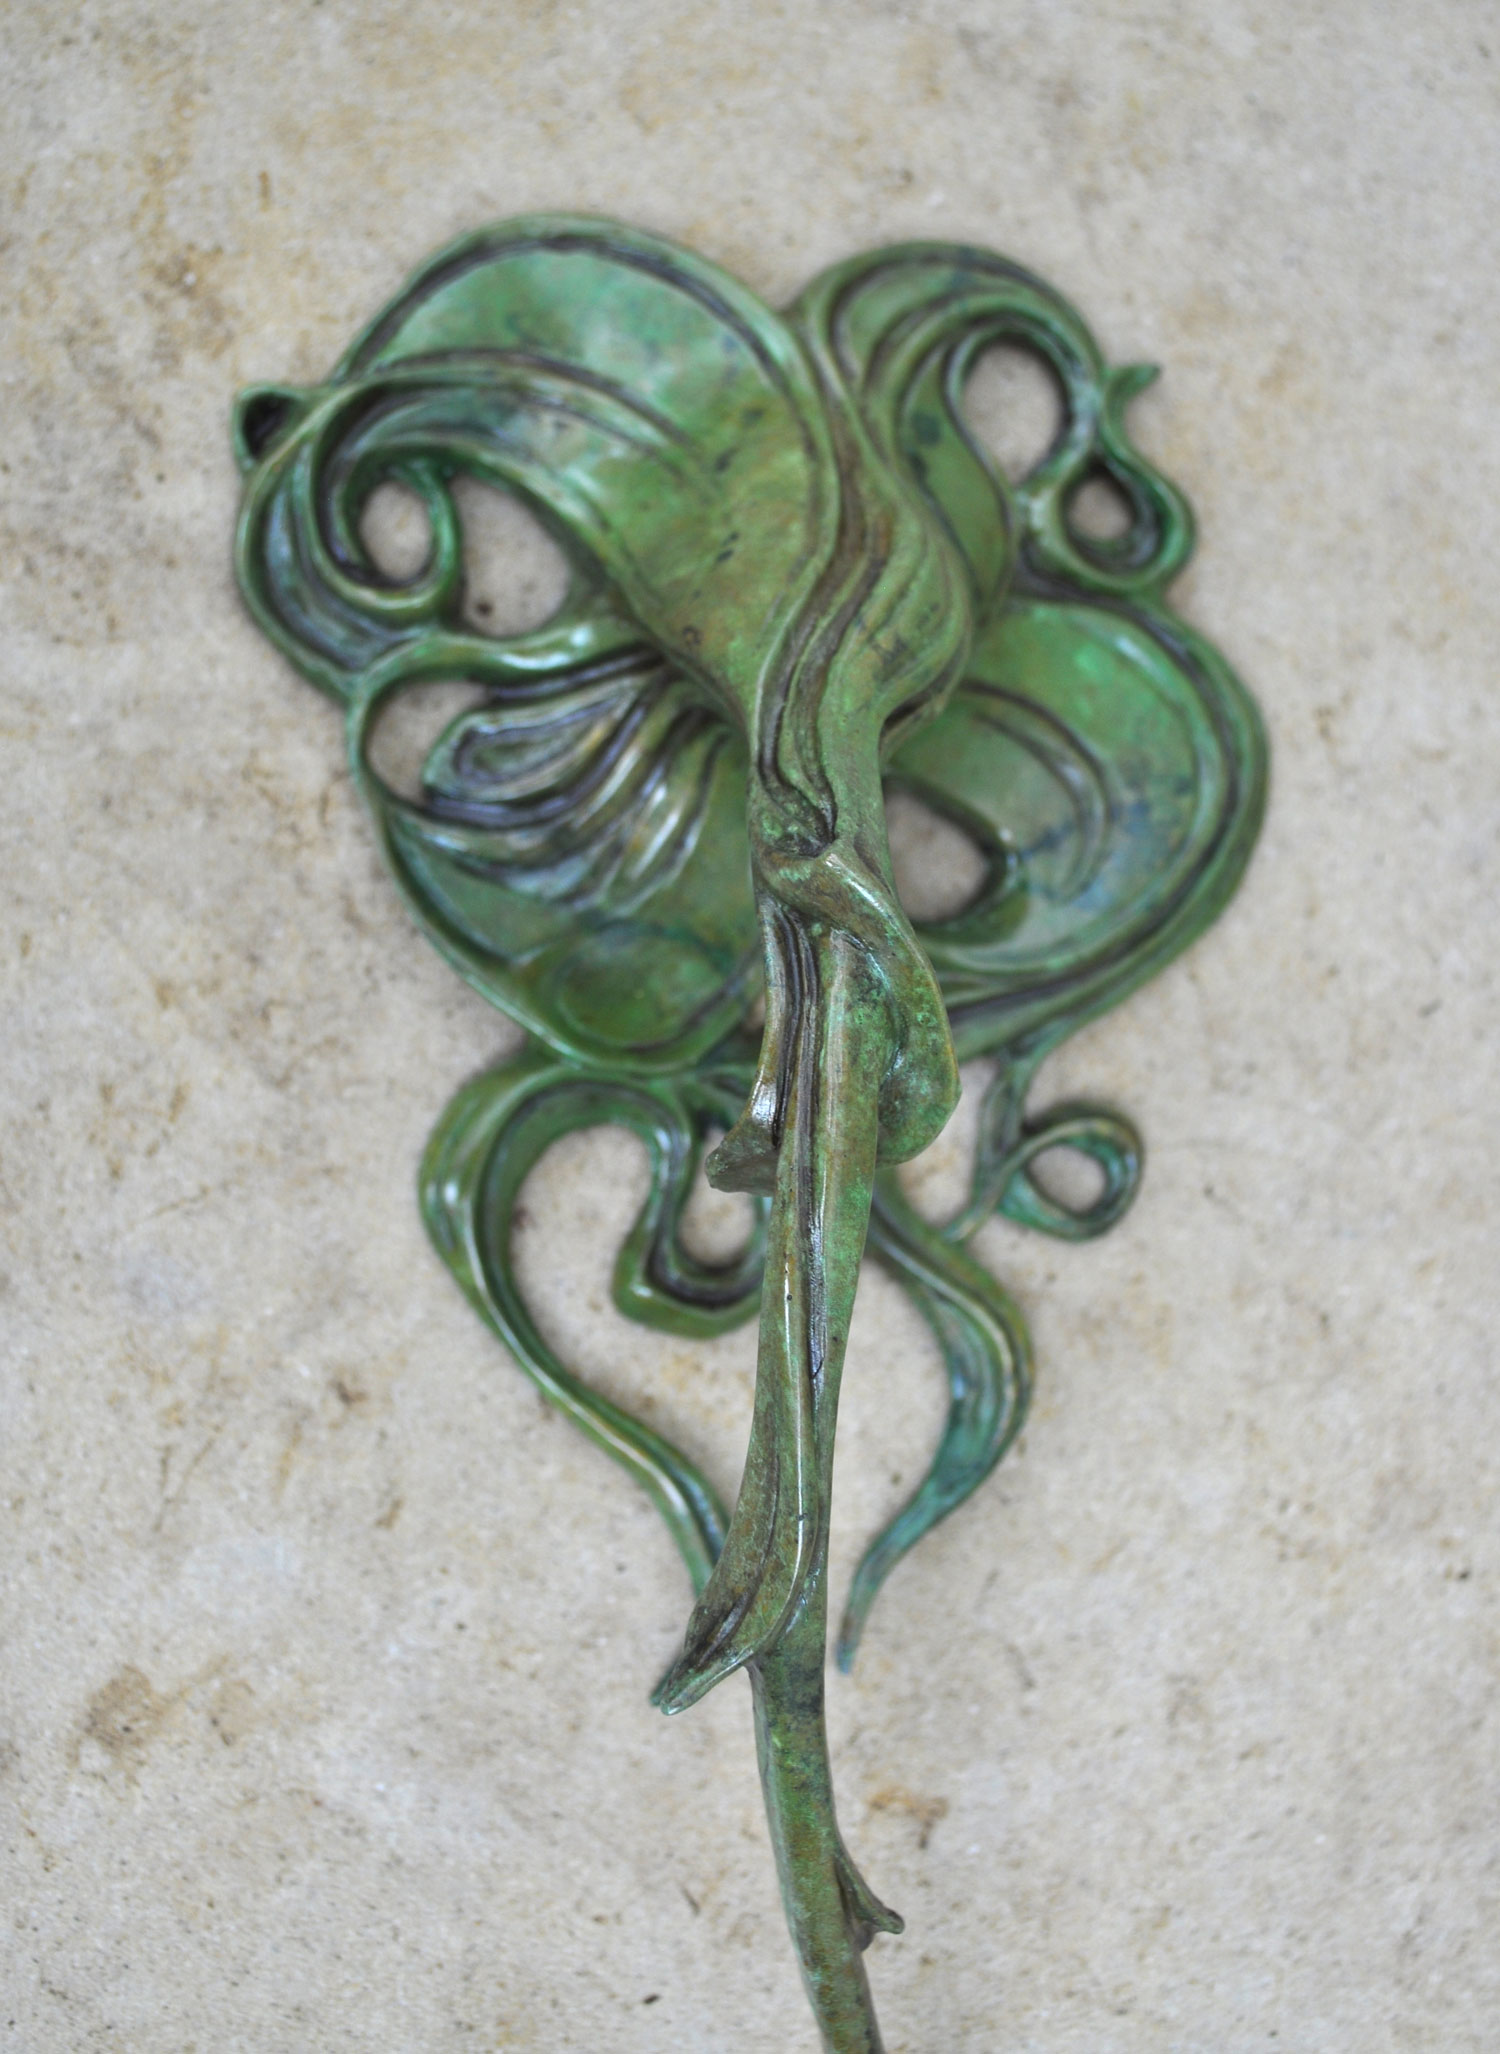 Bronze-Hummingbird-Flower-Sculpture-John-Maisano-8.jpg